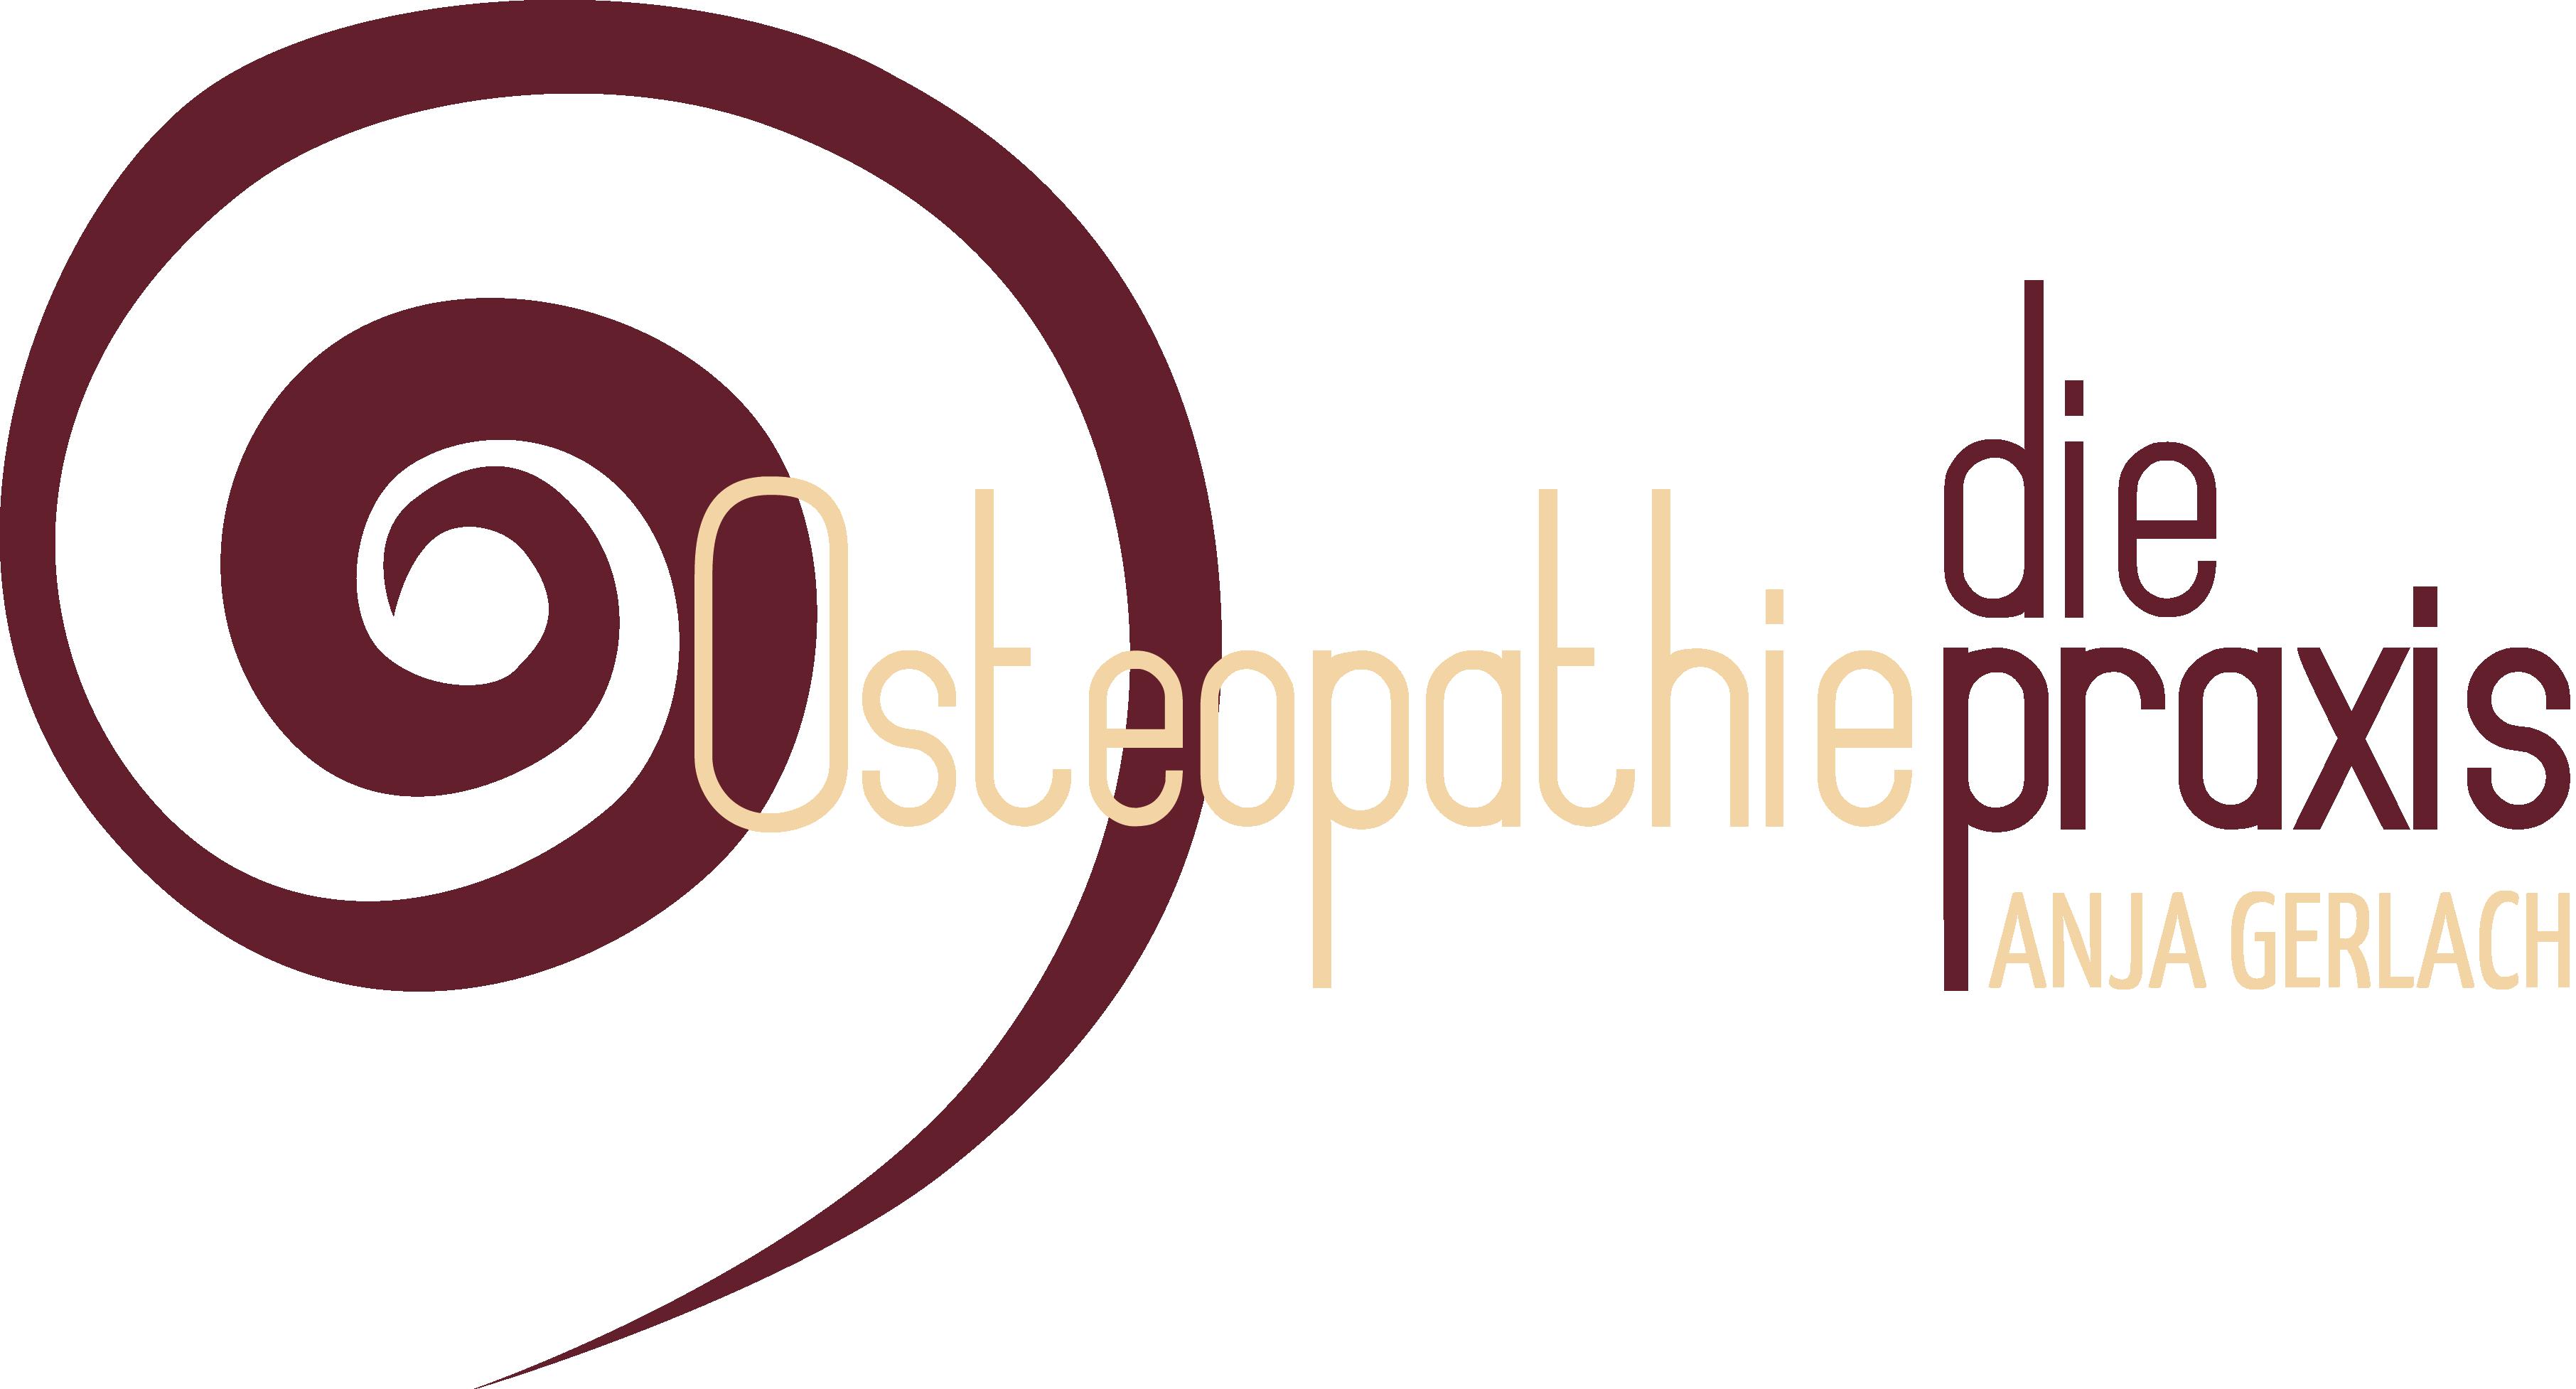 Osteopathie in Spenge: die Osteopathiepraxis Anja Gerlach